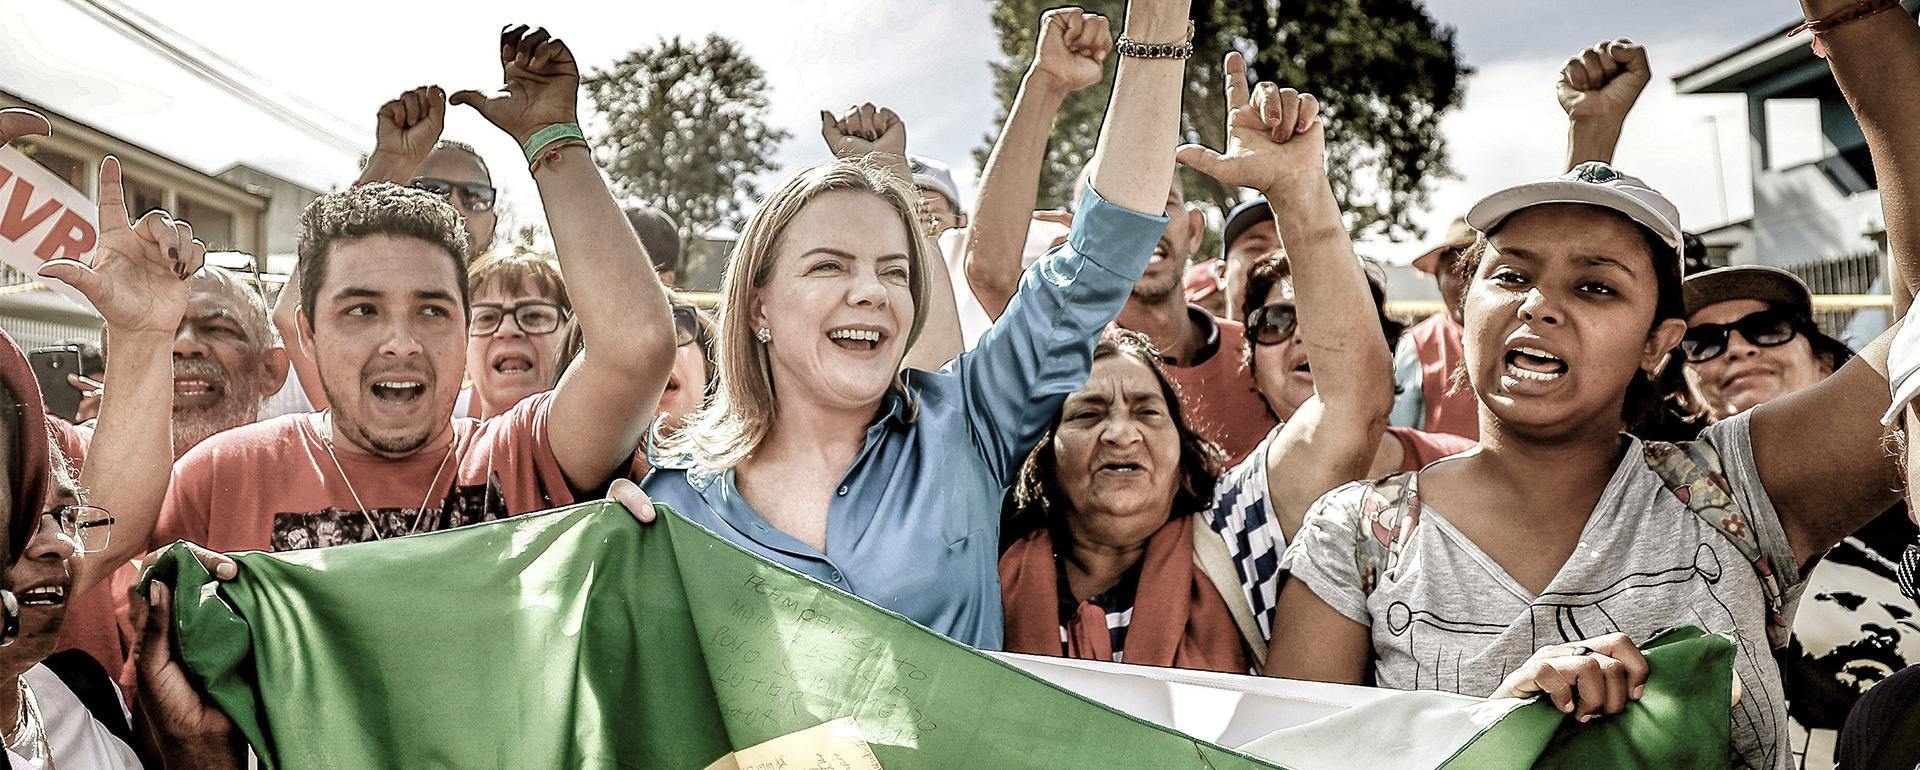 Gleisi Hoffmann - Lutamos pelo fim da desigualdade no Brasil!